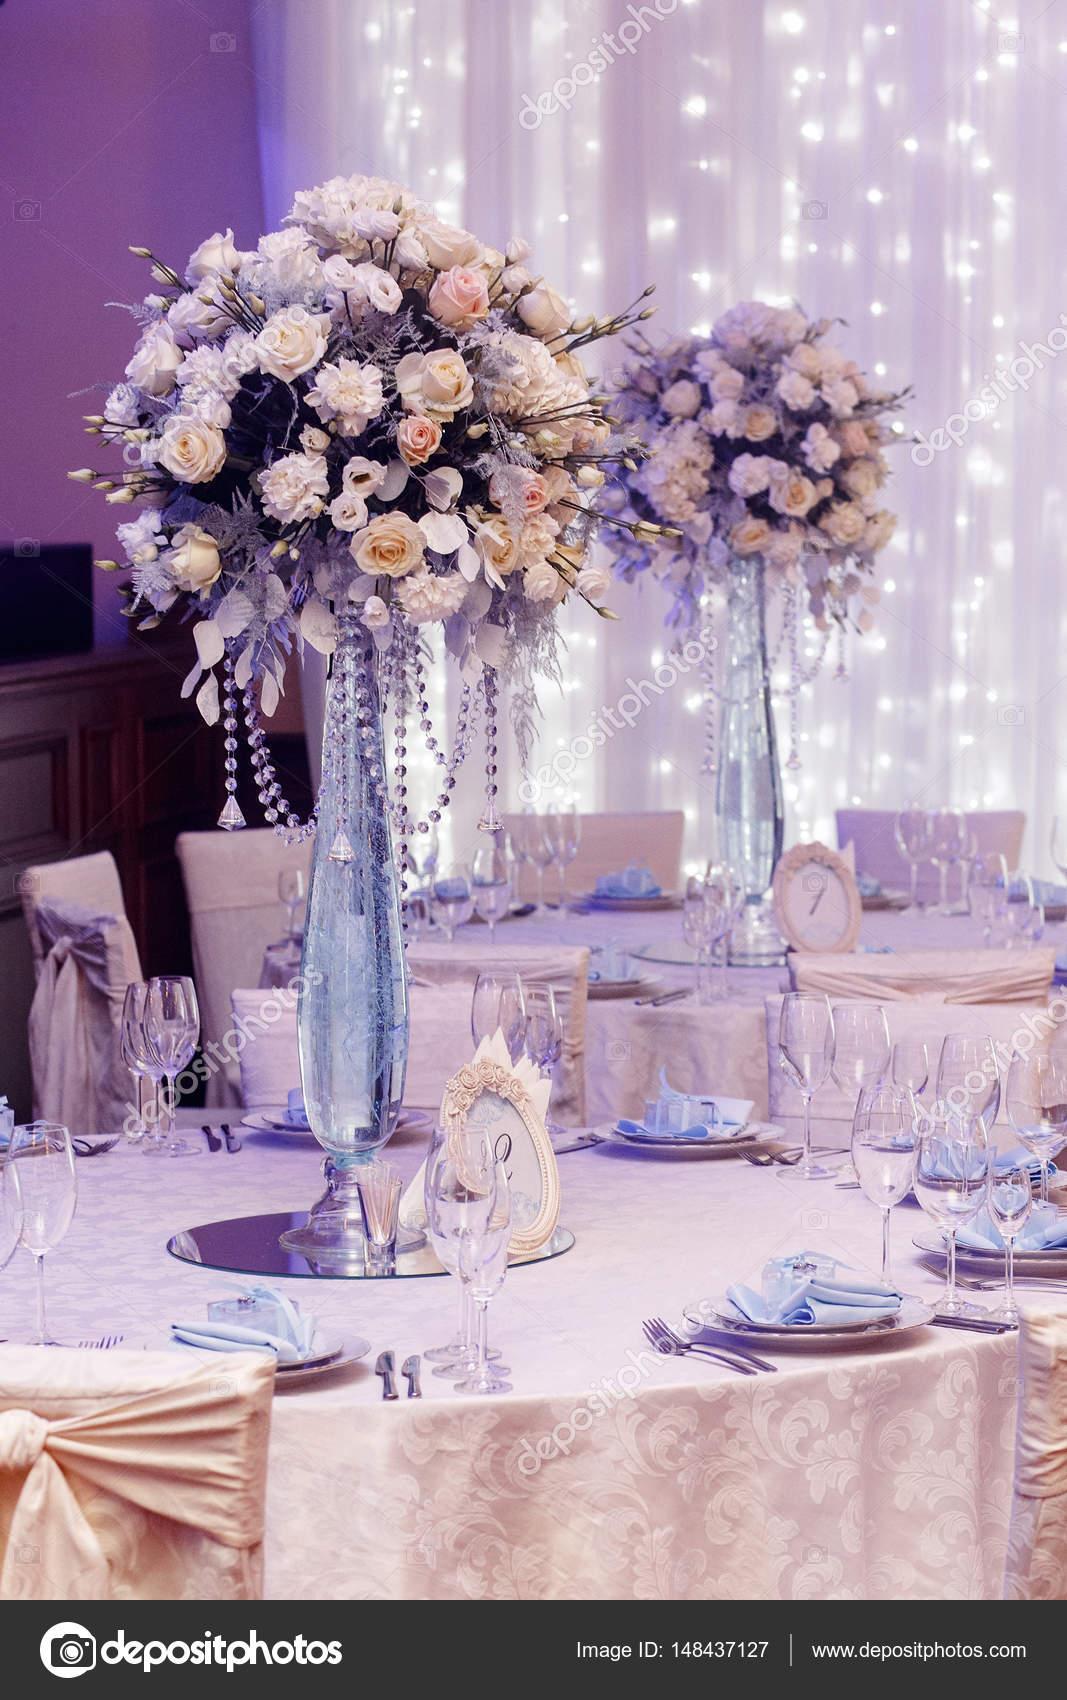 Hochzeit Dekoration Mit Blumen Und Glasvasen Stockfoto C Sonyachny